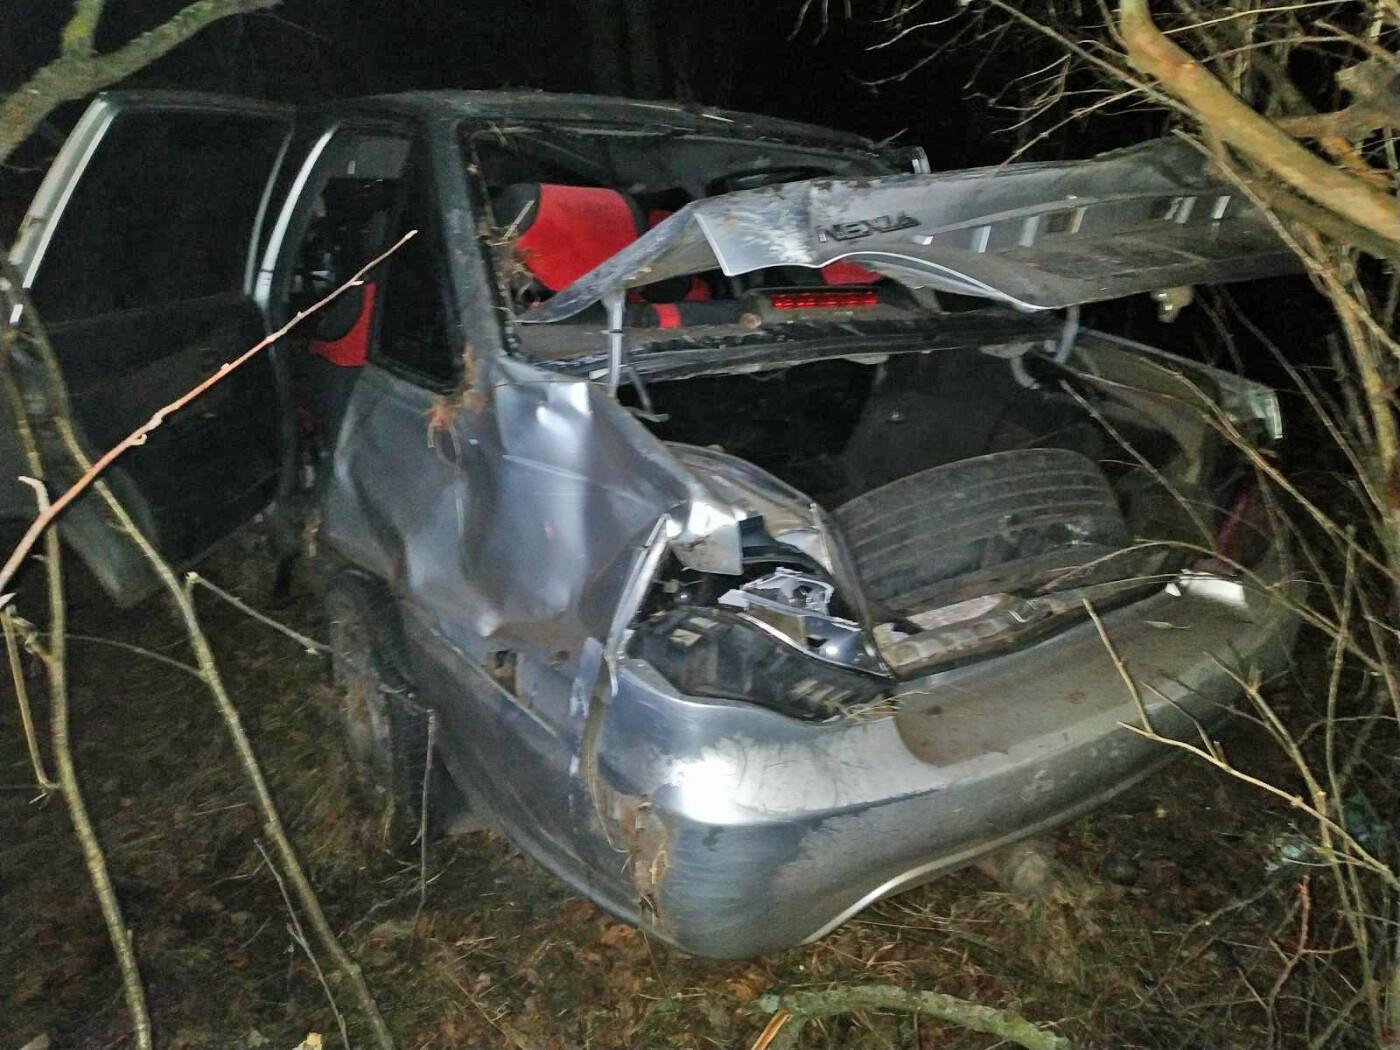 В Тамбовской области перевернулась легковушка: два человека пострадали, водитель скрылся с места ДТП, фото-1